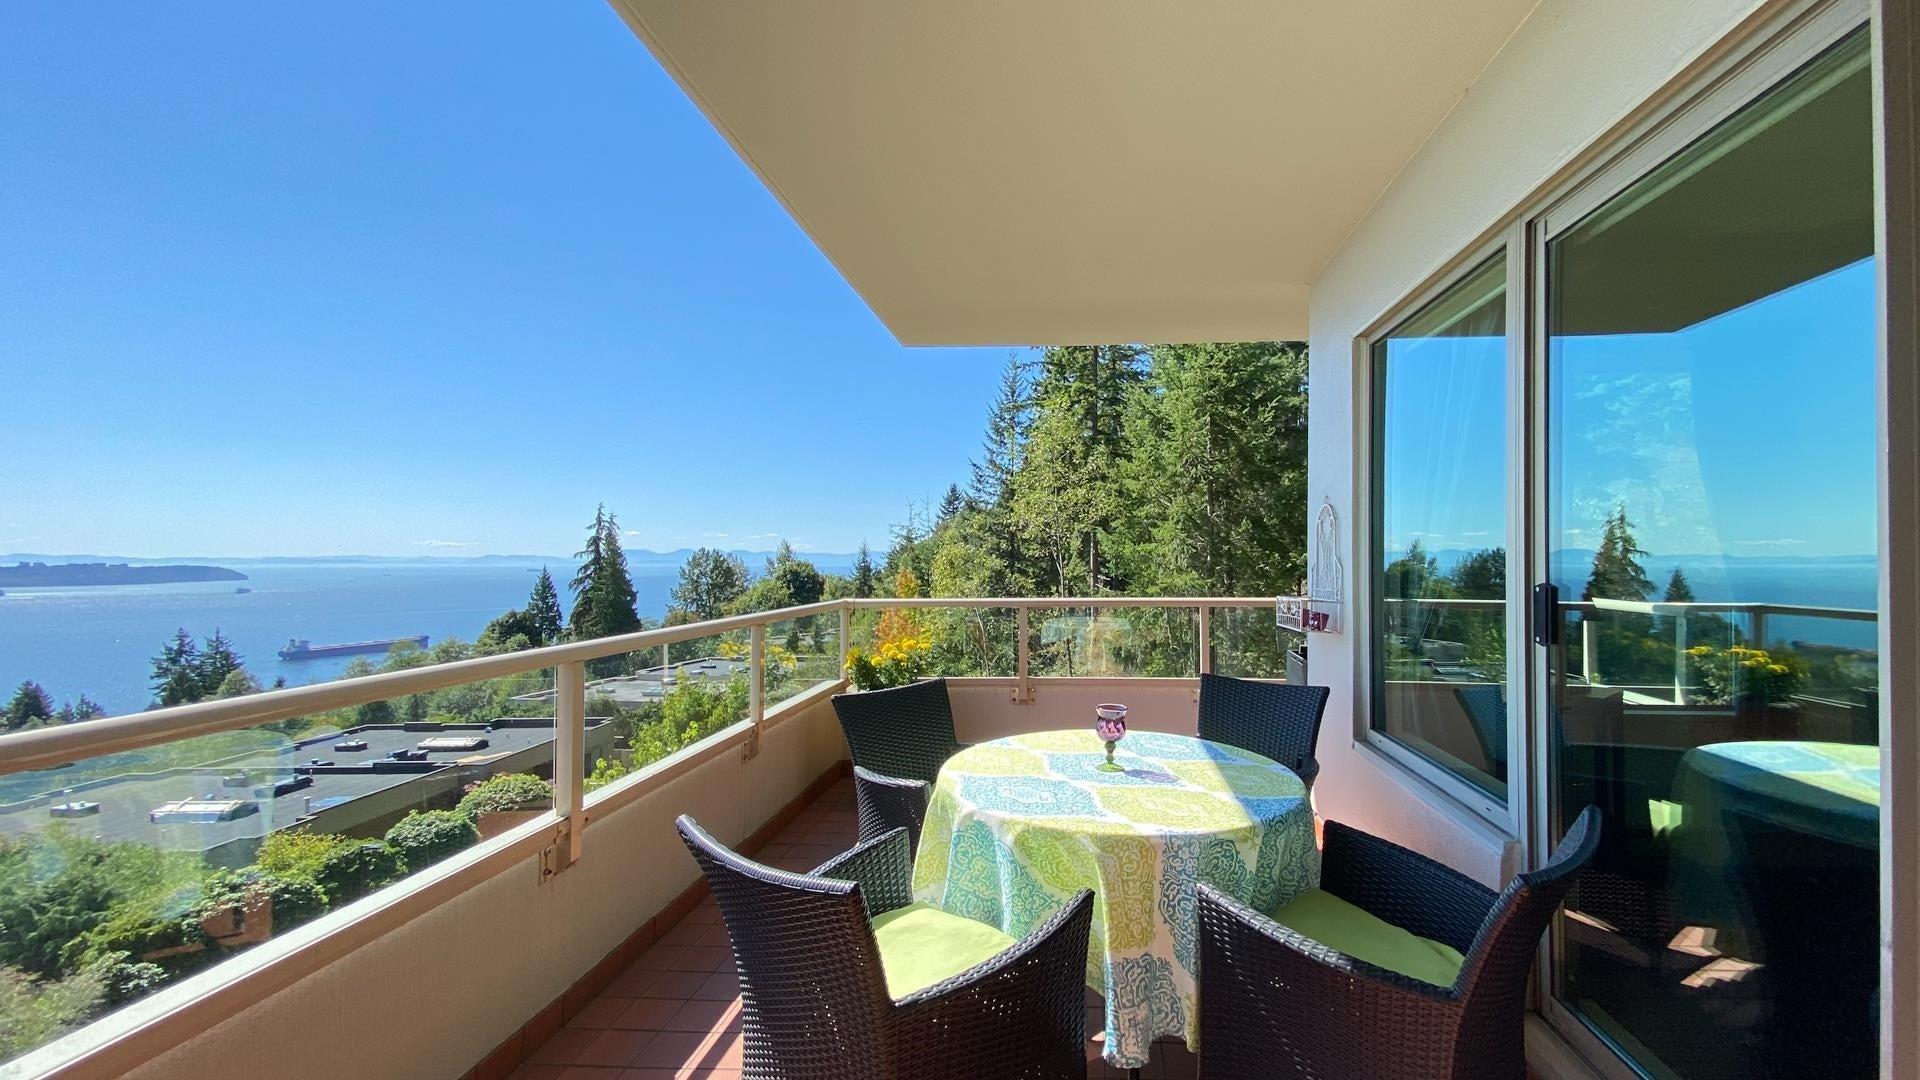 301 3131 DEER RIDGE DRIVE - Deer Ridge WV Apartment/Condo for sale, 2 Bedrooms (R2615692) - #4